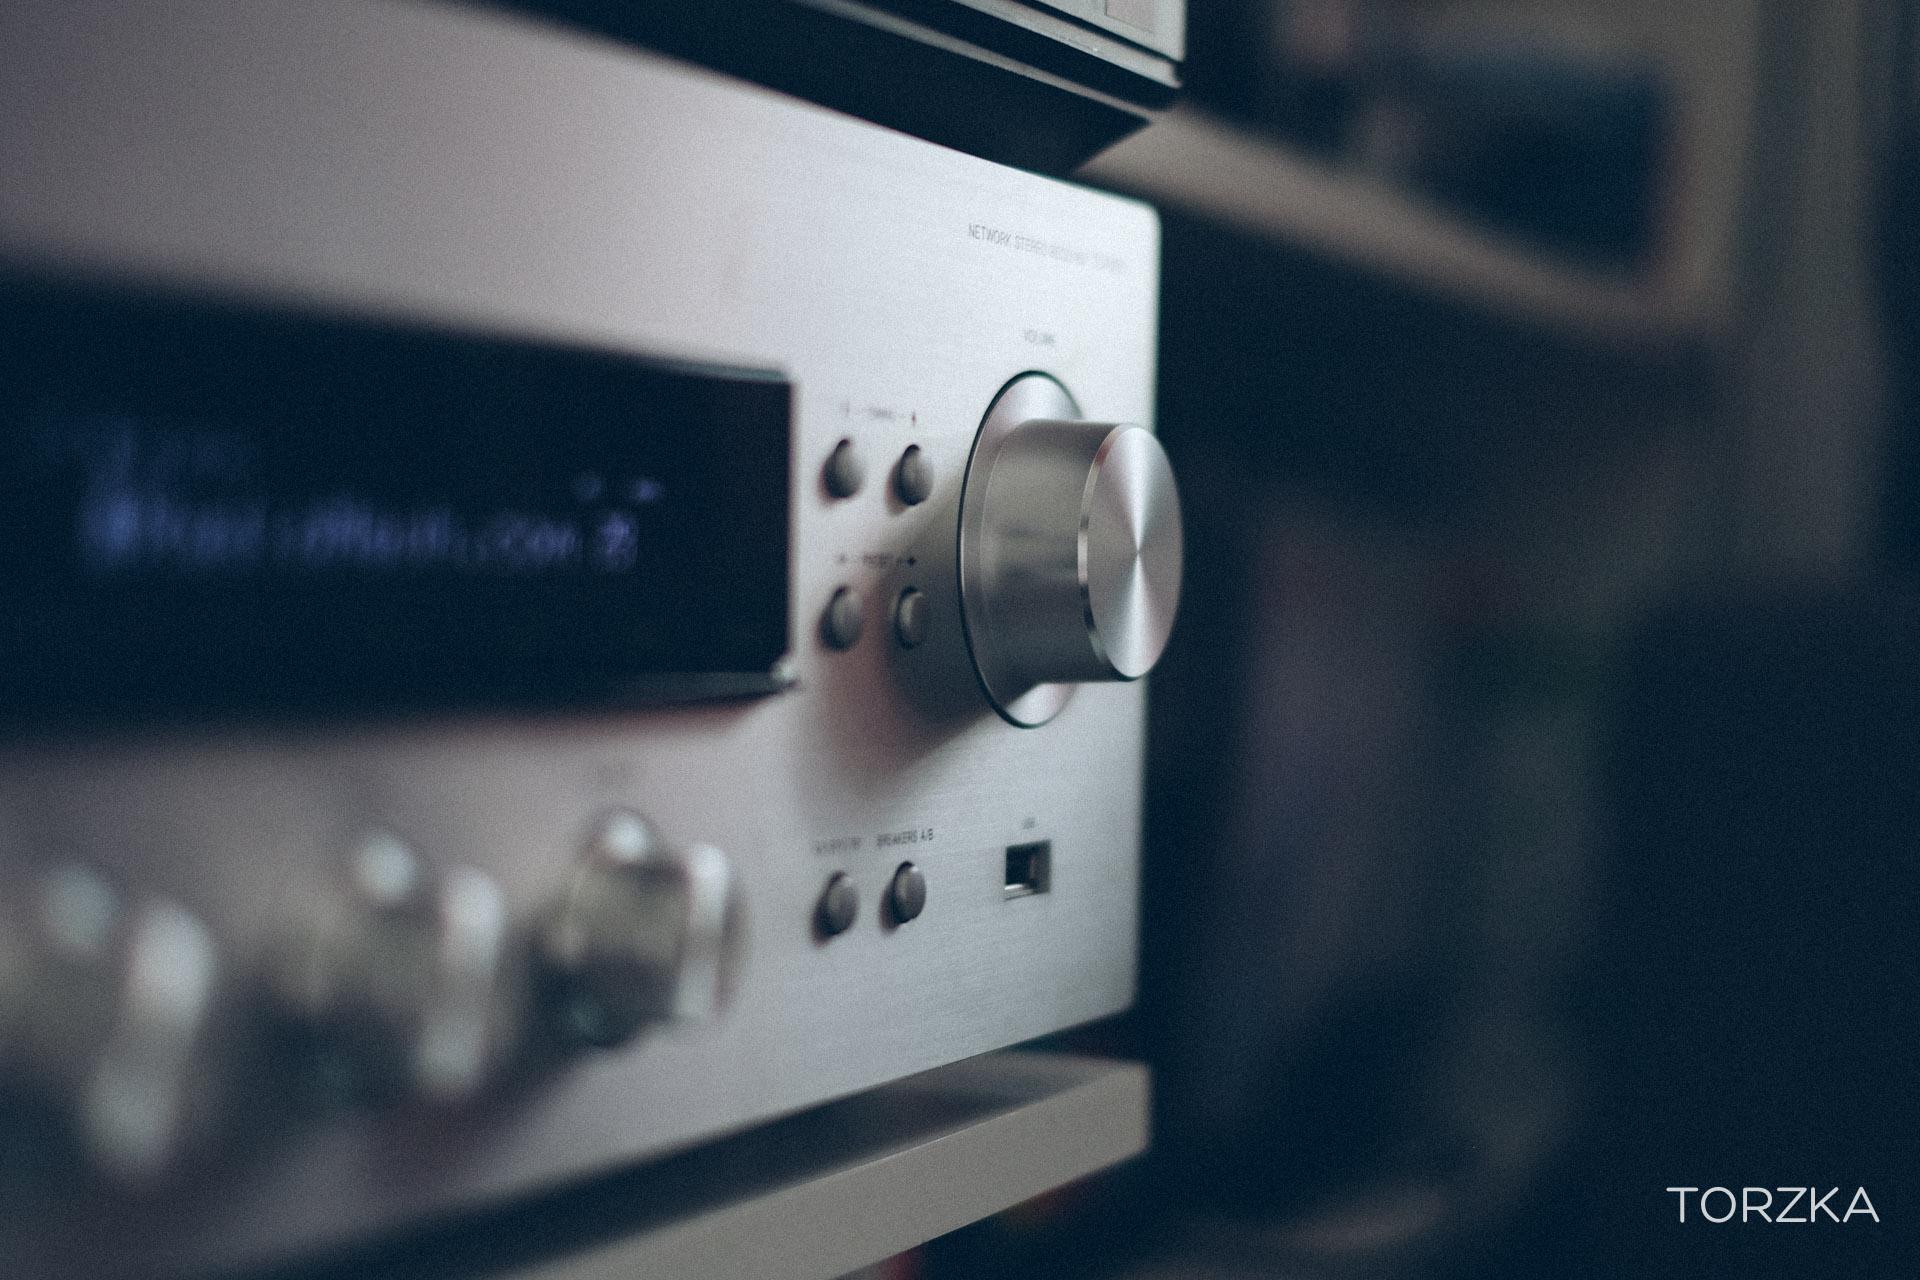 puis-je brancher une platine sur Sonos photos des sites de rencontres russes